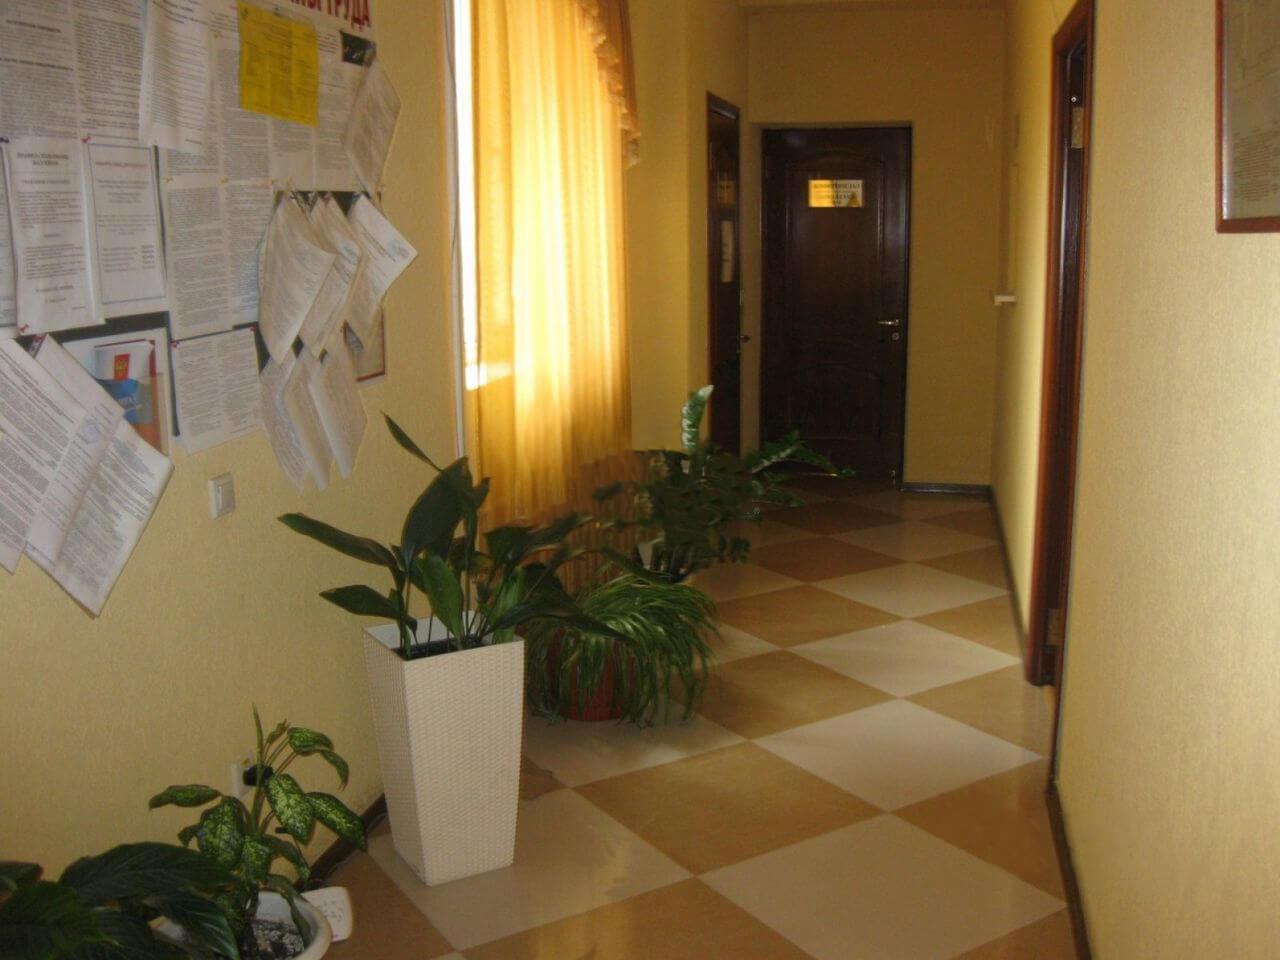 Полностью оборудованный гостиничный комплекс - image Polnostyu-oborudovannyj-gostinichnyj-kompleks-3 on http://bizneskvartal.ru